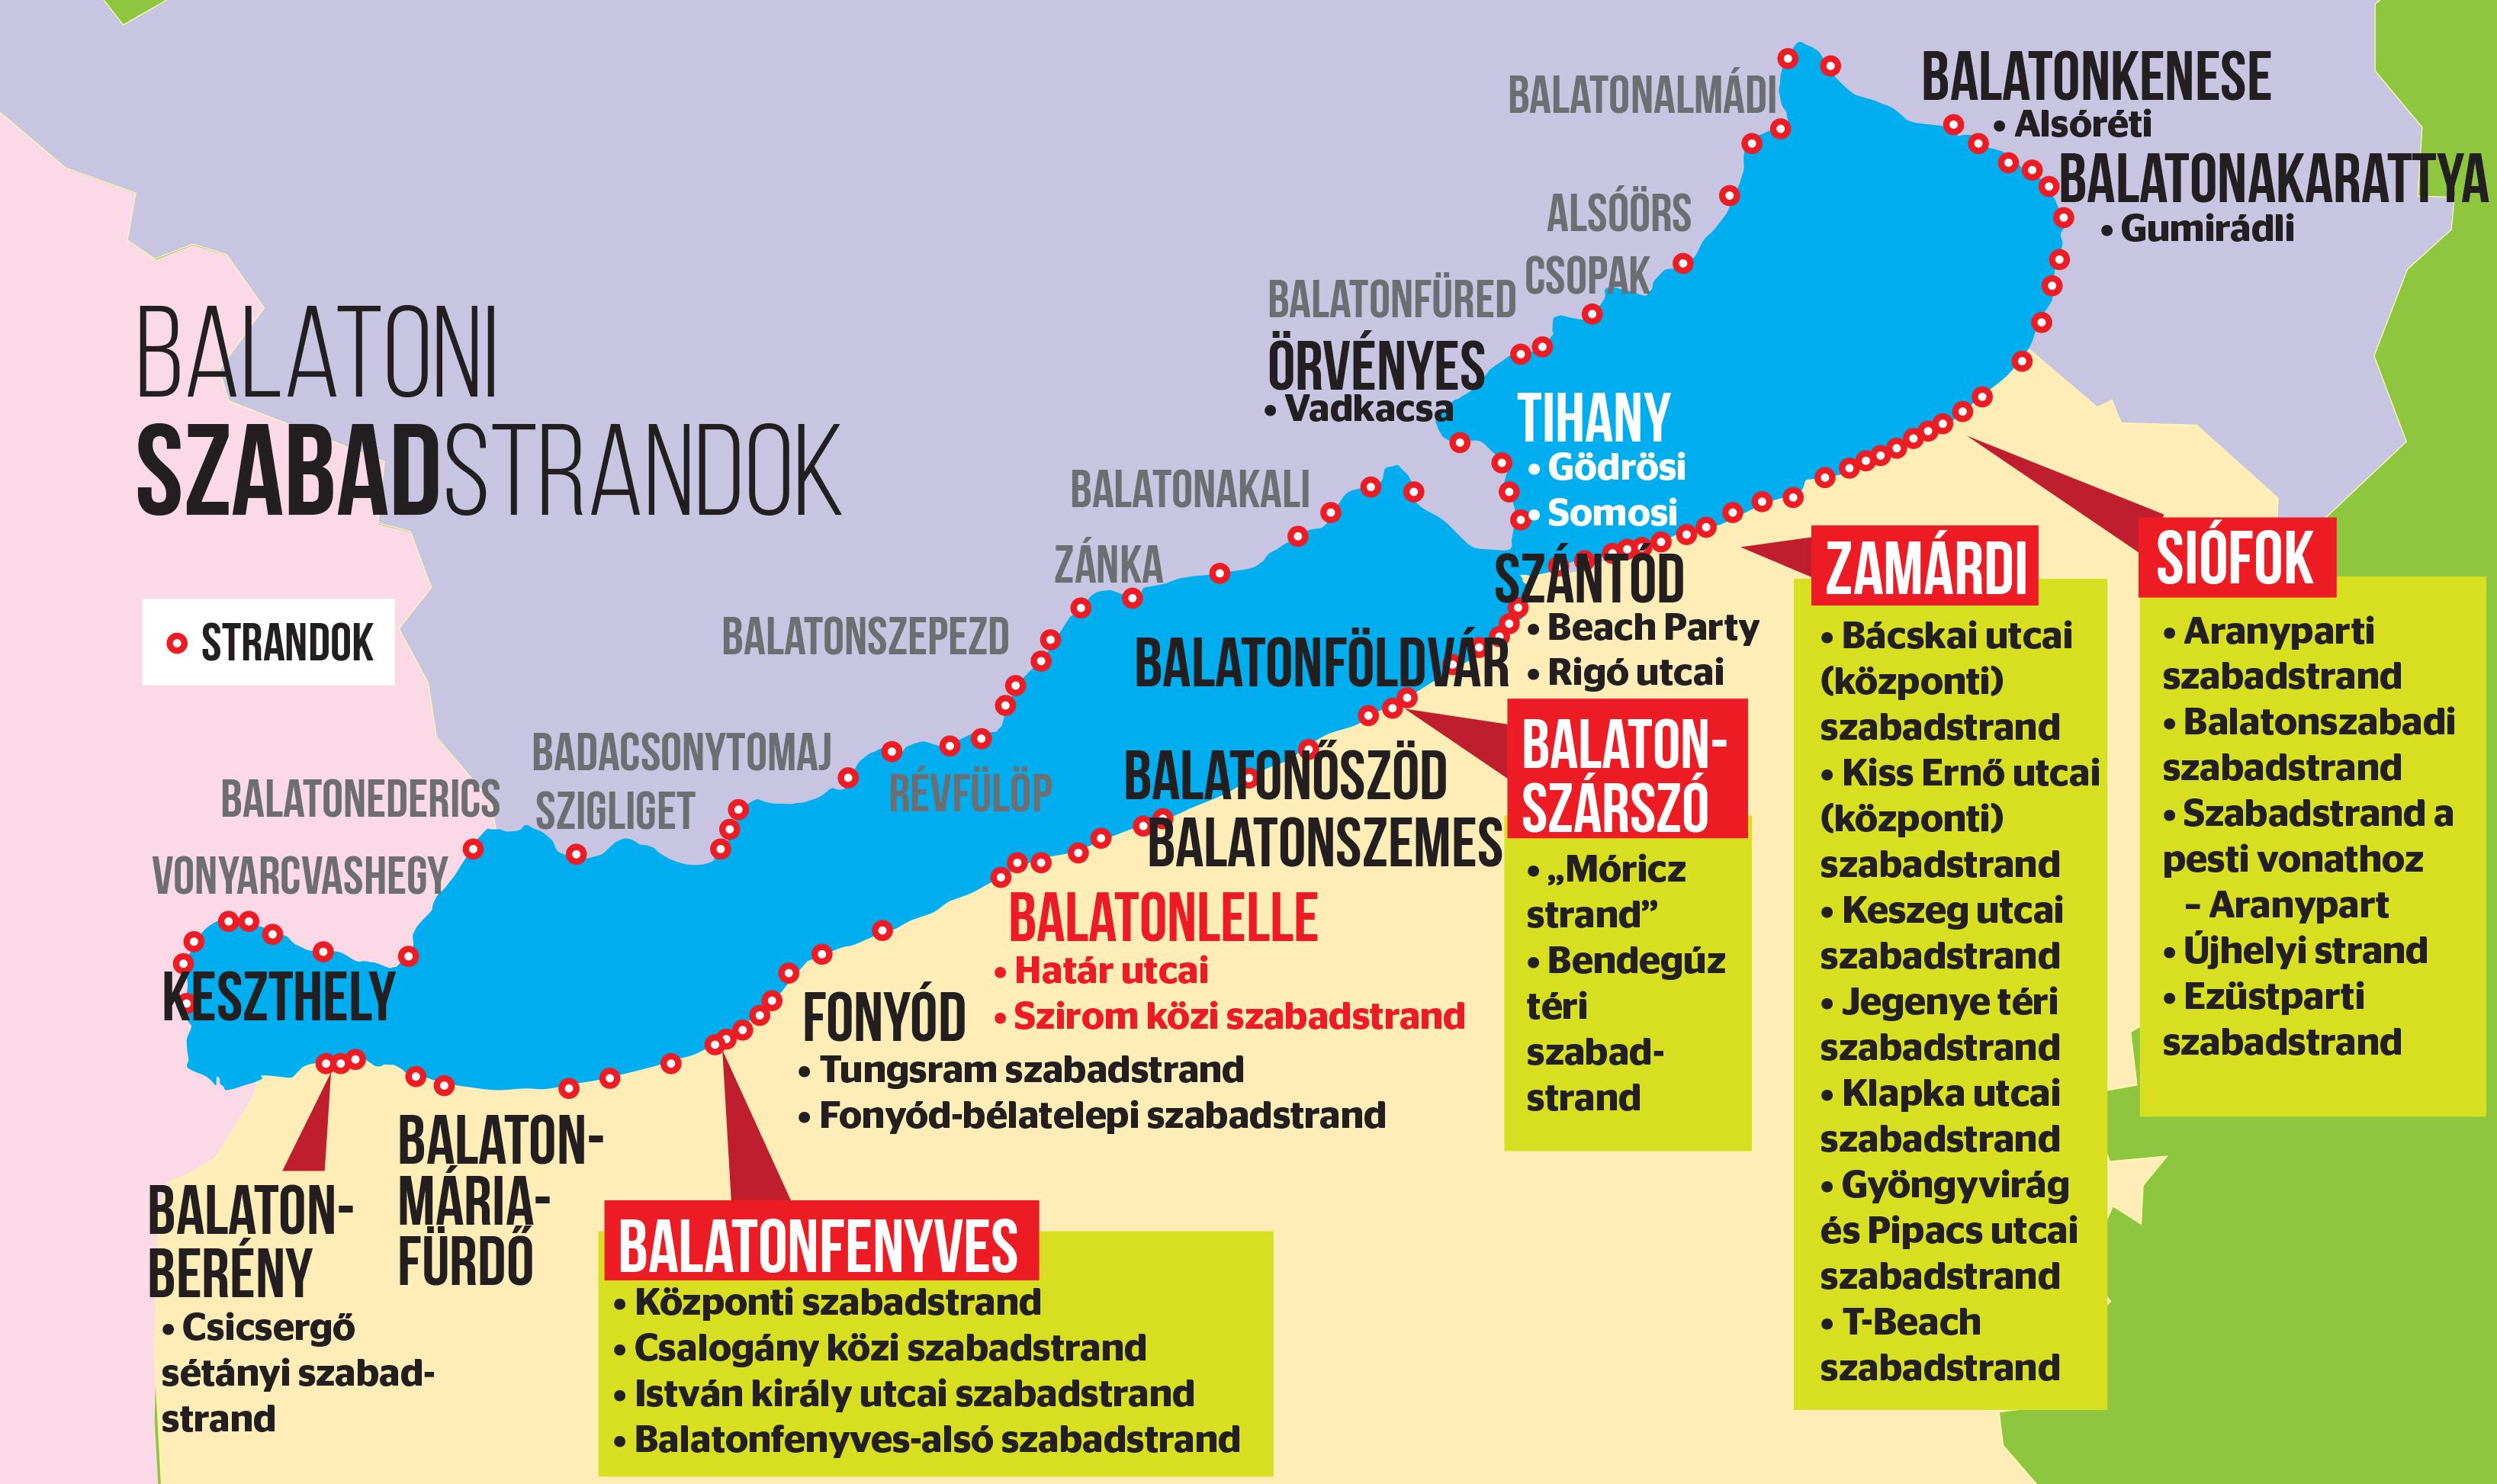 balaton szabadstrandok térkép Megújul a Balaton: több százmilliárdból fejlesztik a magyar tenger  balaton szabadstrandok térkép